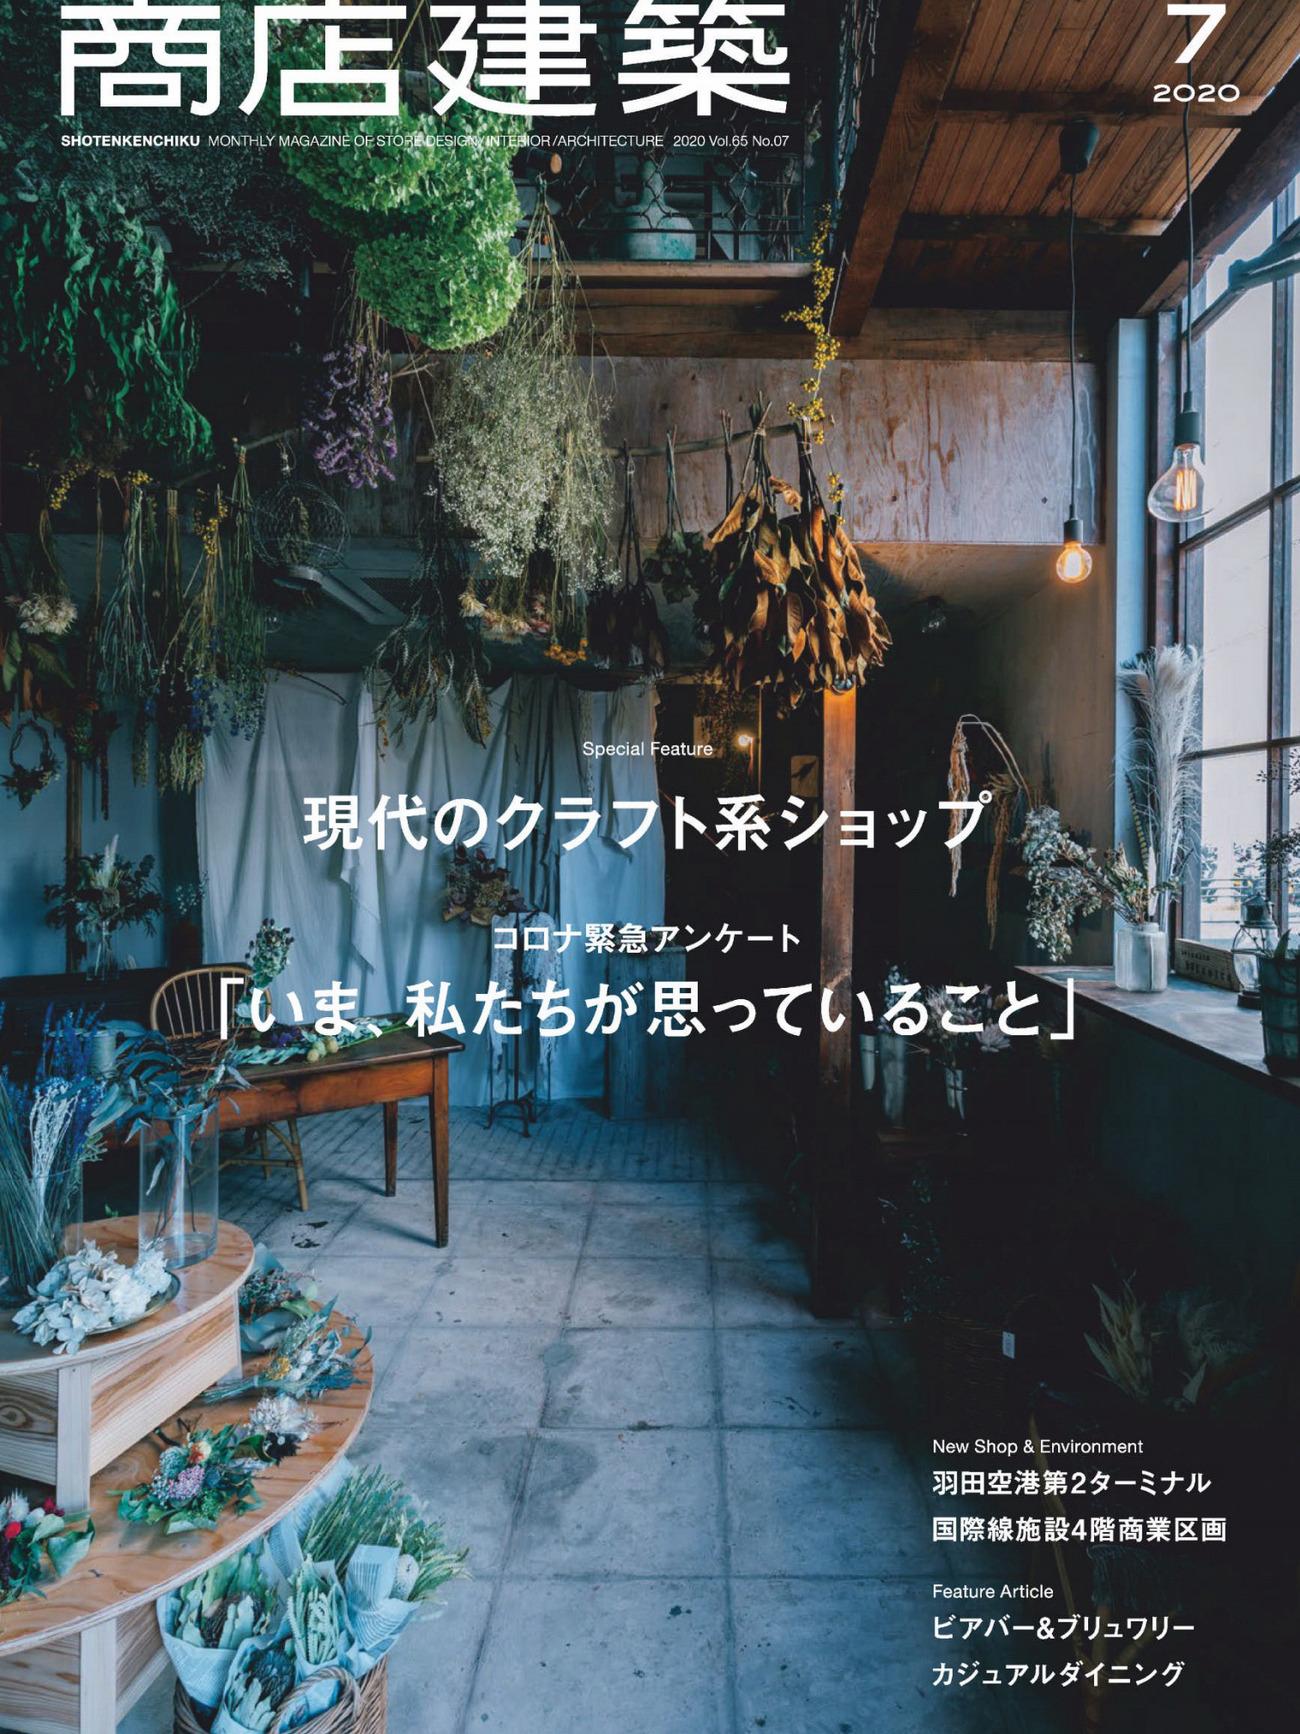 《商店建筑Shotenkenchiku》日本版店面室内设计杂志2020年07月号